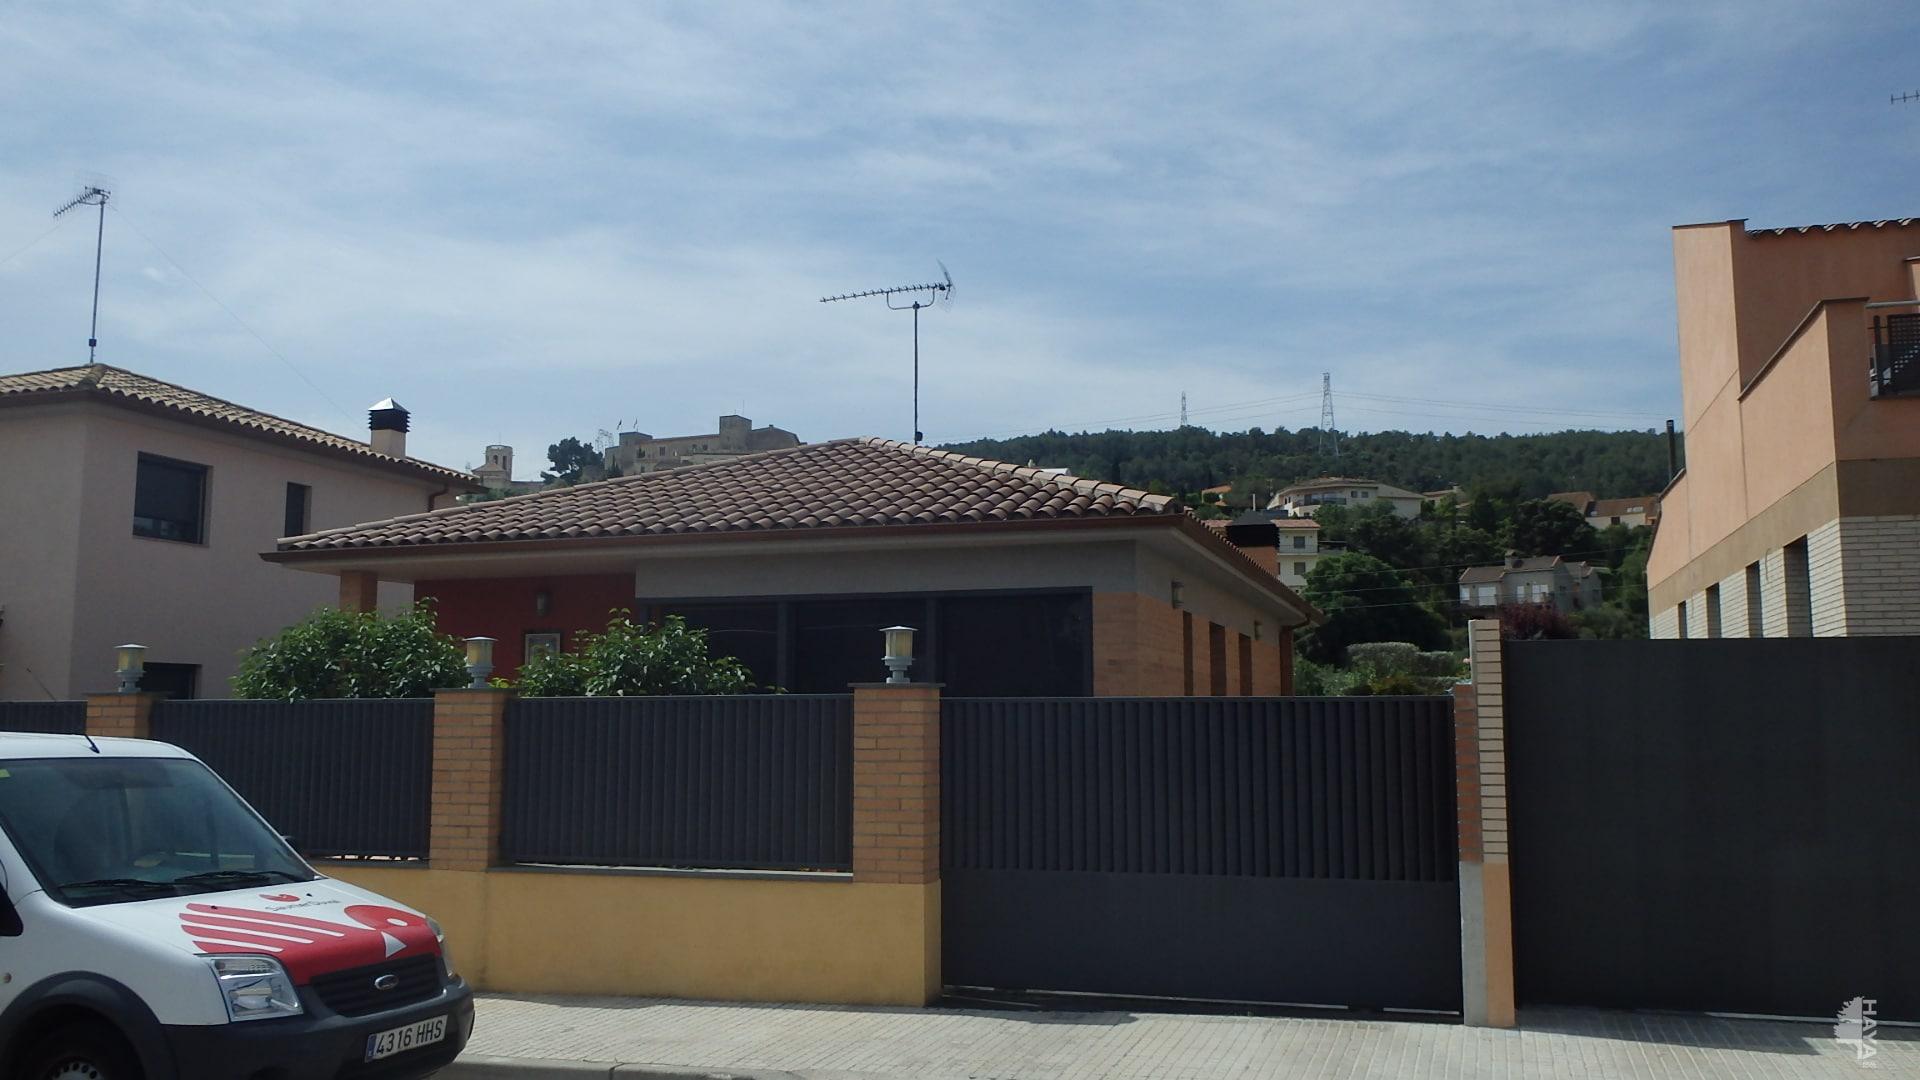 Casa en venta en Sant Martí Sarroca, Barcelona, Calle Bosquet, 244.850 €, 3 habitaciones, 1 baño, 189 m2